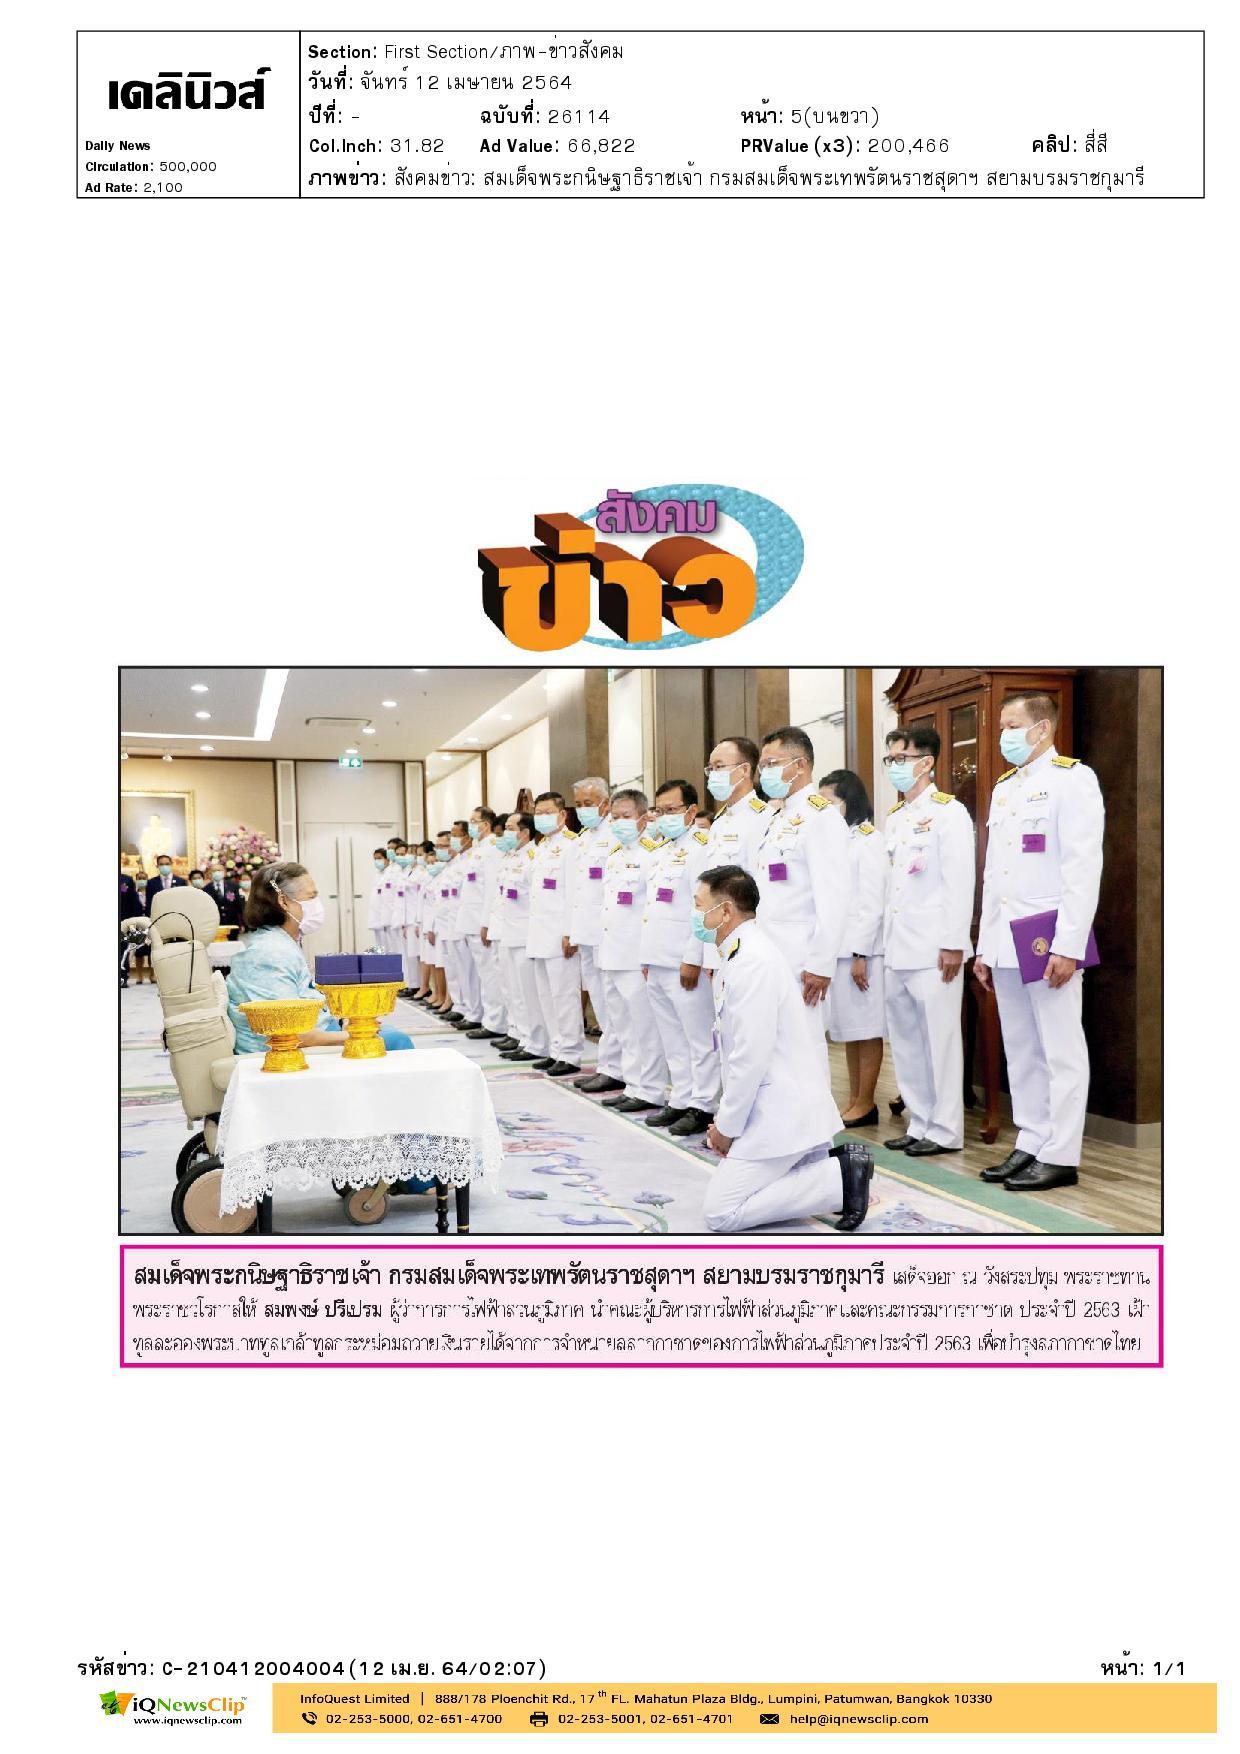 ถวายเงินรายได้จากการจำหน่ายสลากกาชาดของการไฟฟ้าส่วนภูมิภาค ประจำปี 2563 เพื่อบำรุงสภากาชาดไทย